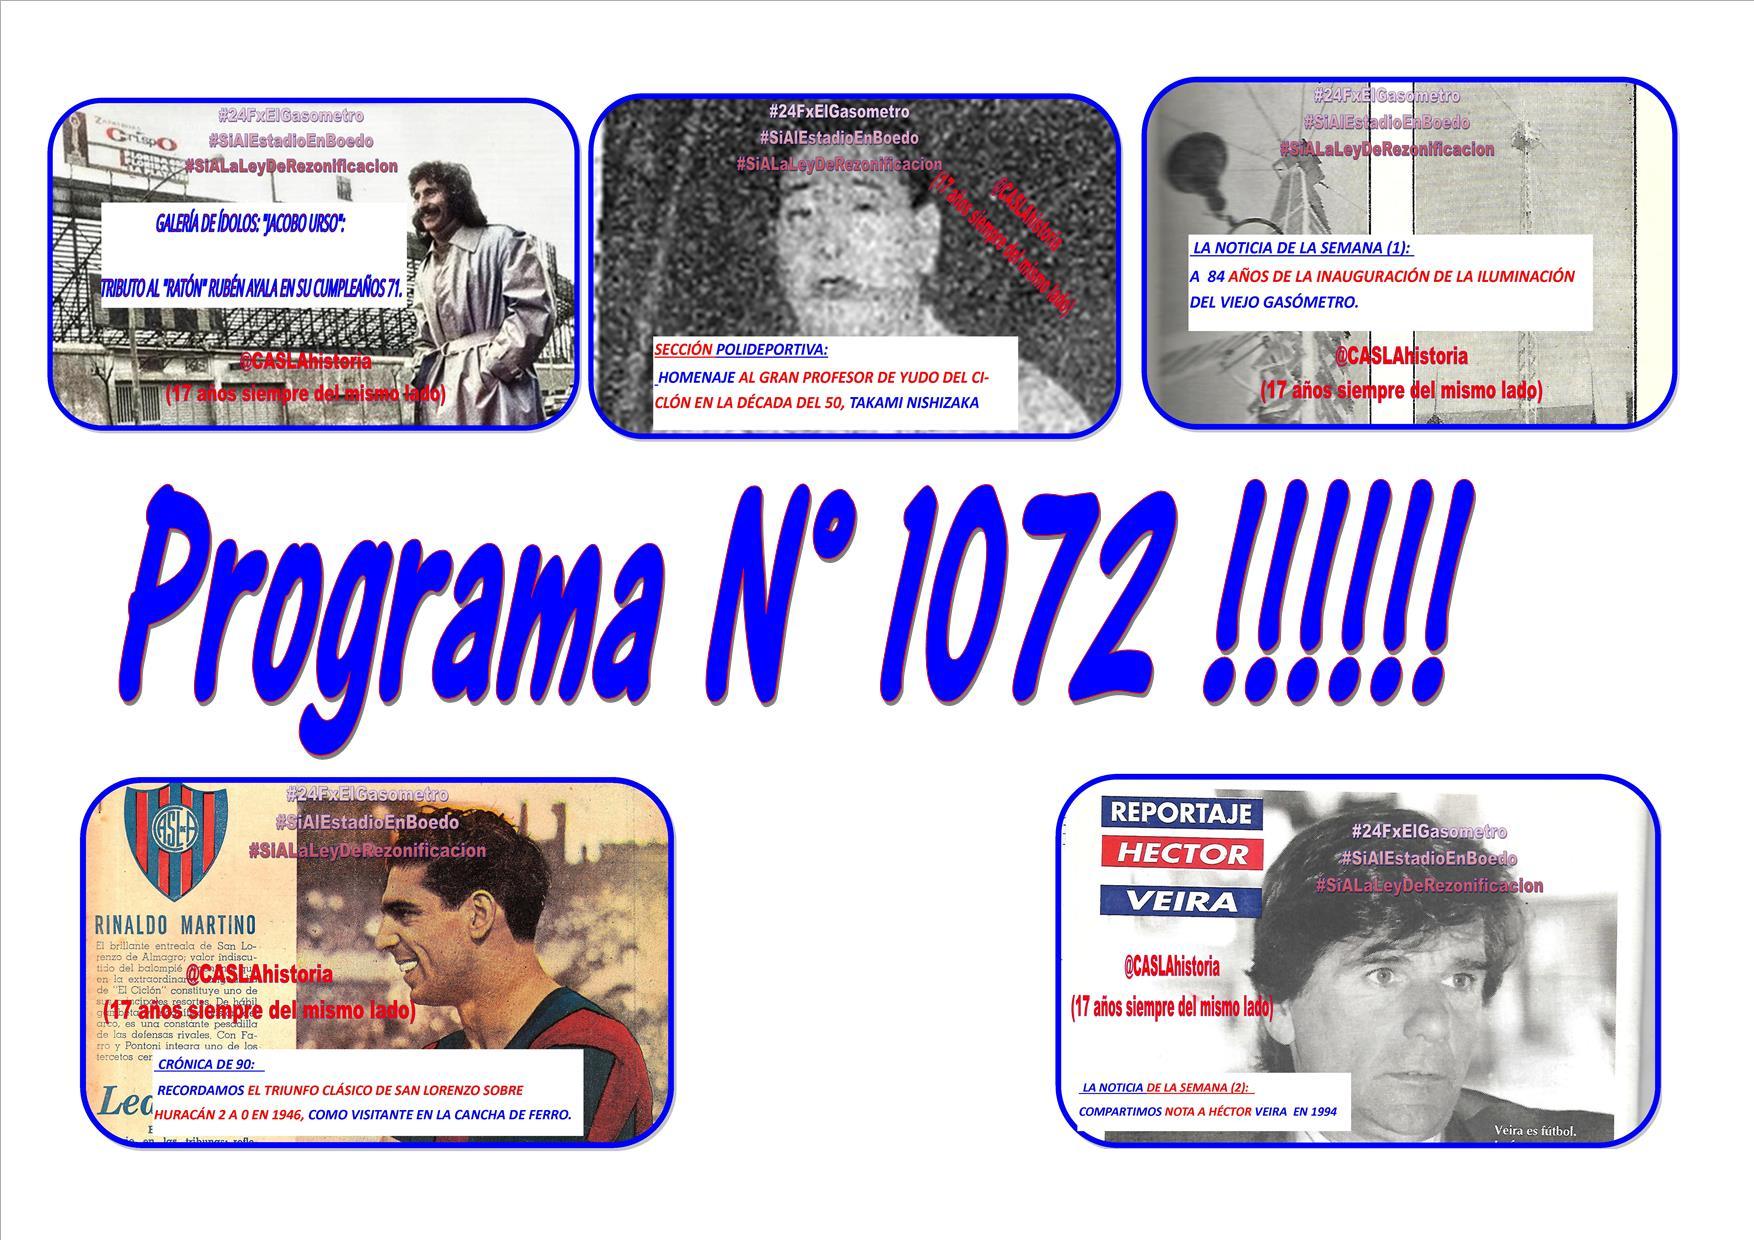 Lunes de 18 a 21hs por www.radioamep.com.ar – Programa N° 1072 !!!!!